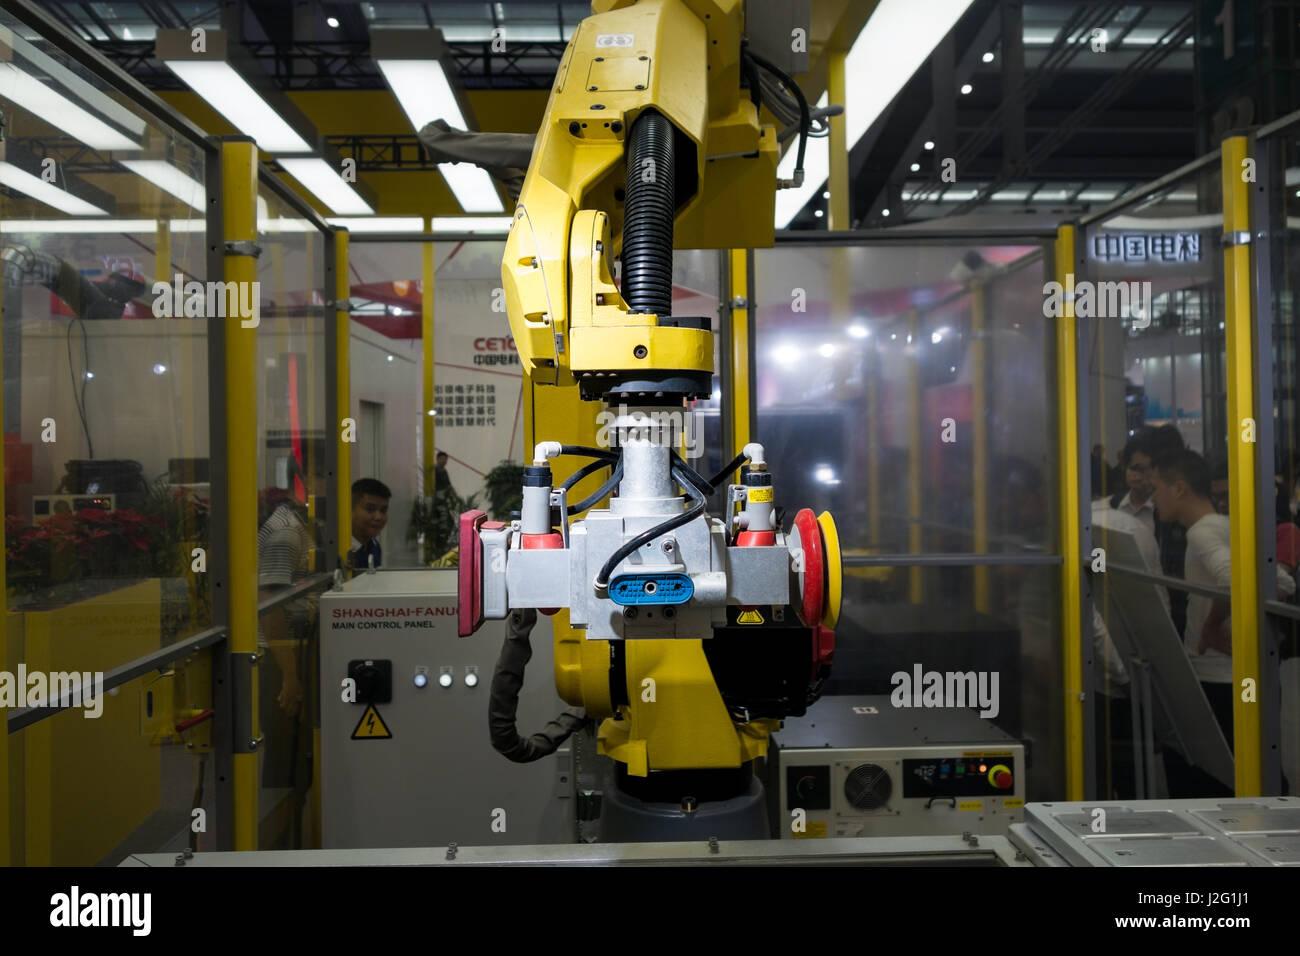 Fanuc industrial robotics